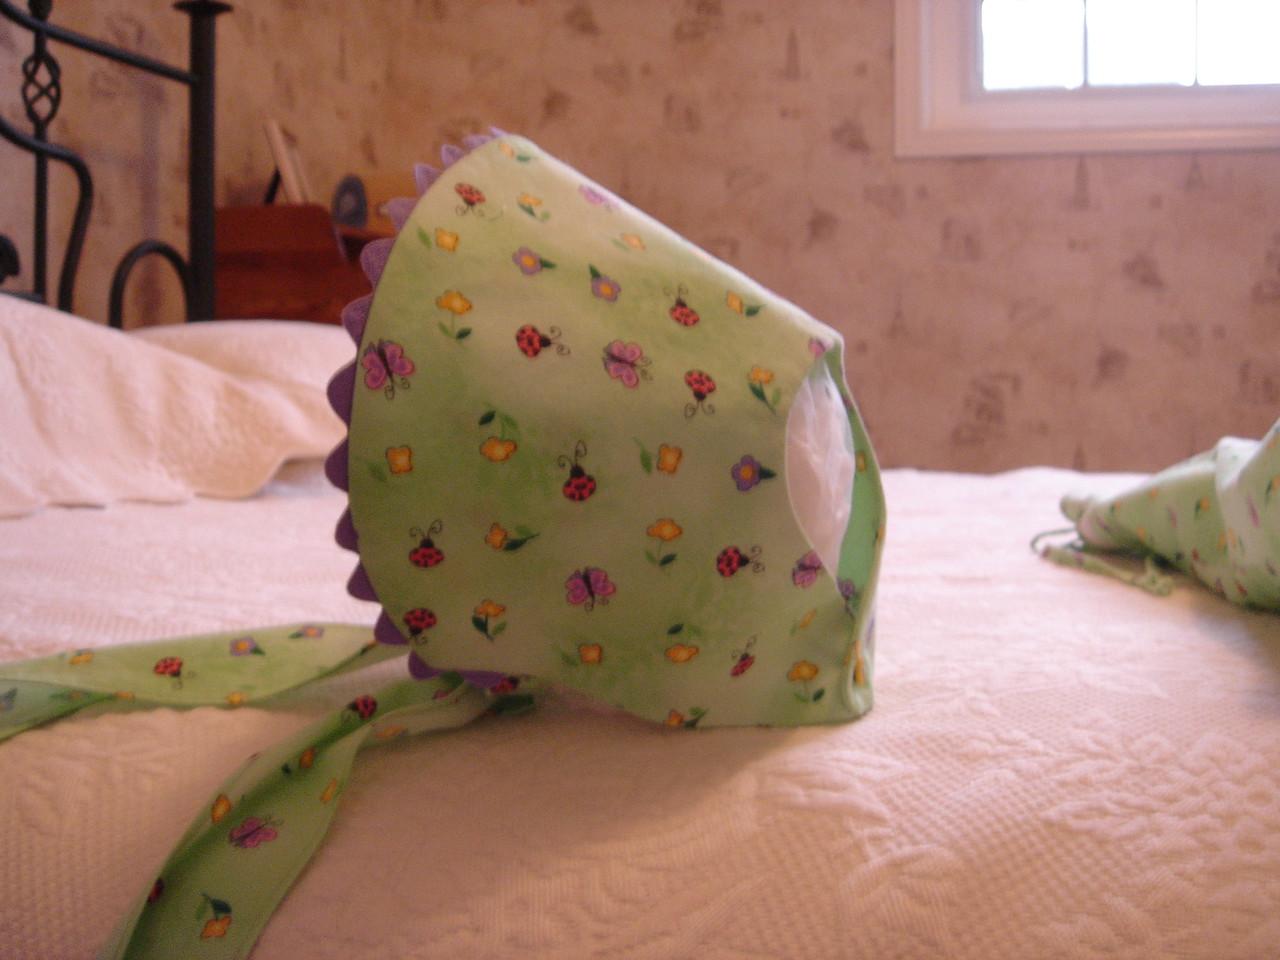 Bonnet to go with Ottobre dress